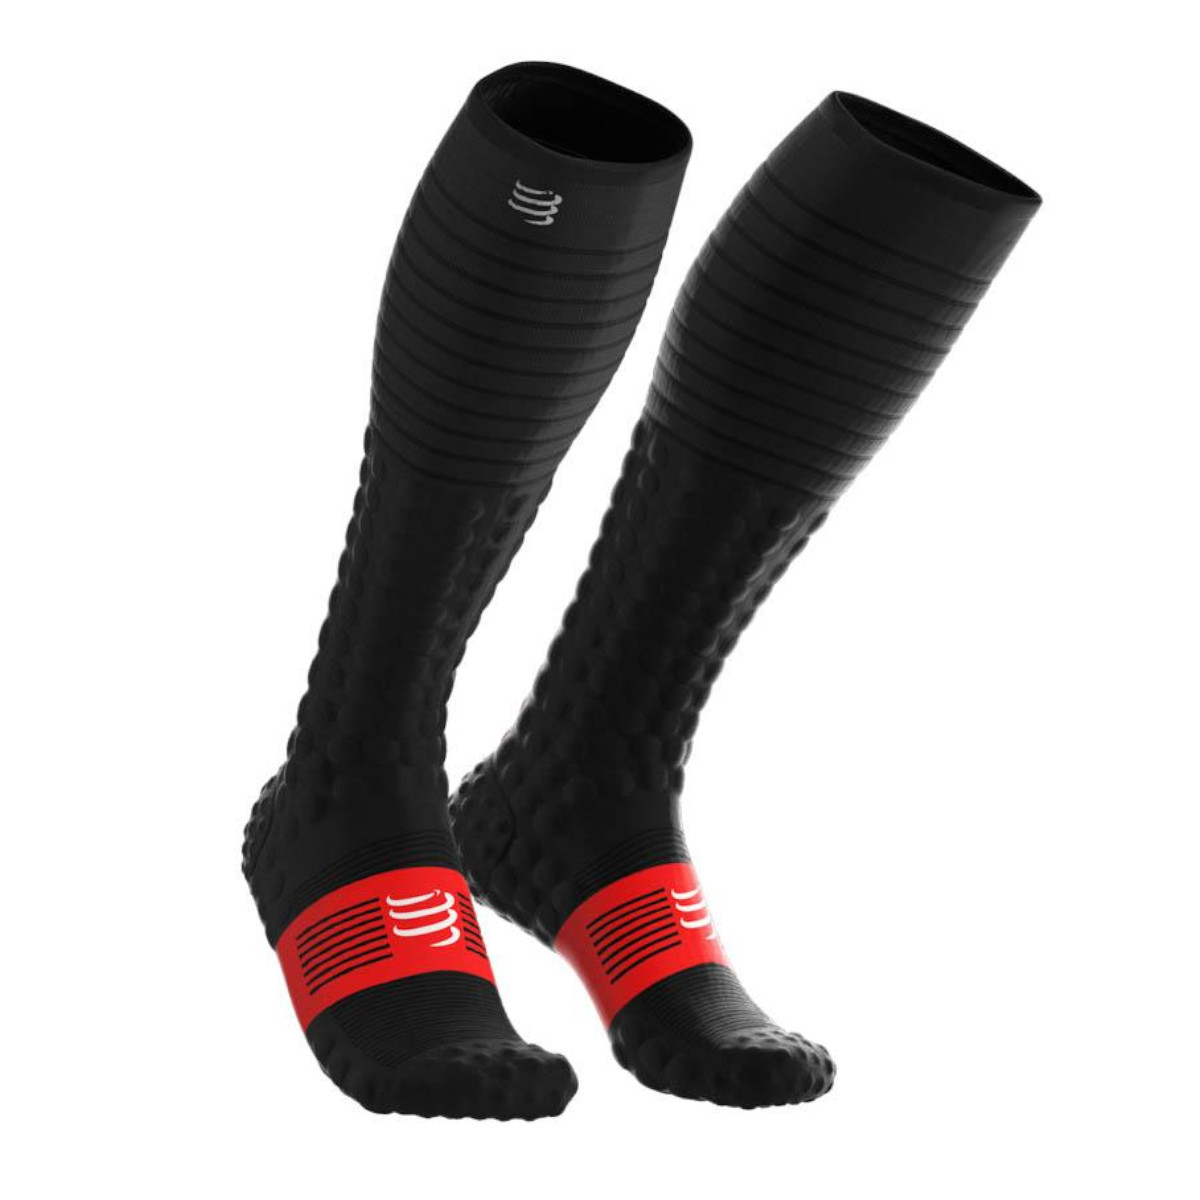 Meia de Compressão Compressport Full Socks V3.0 Run Preto